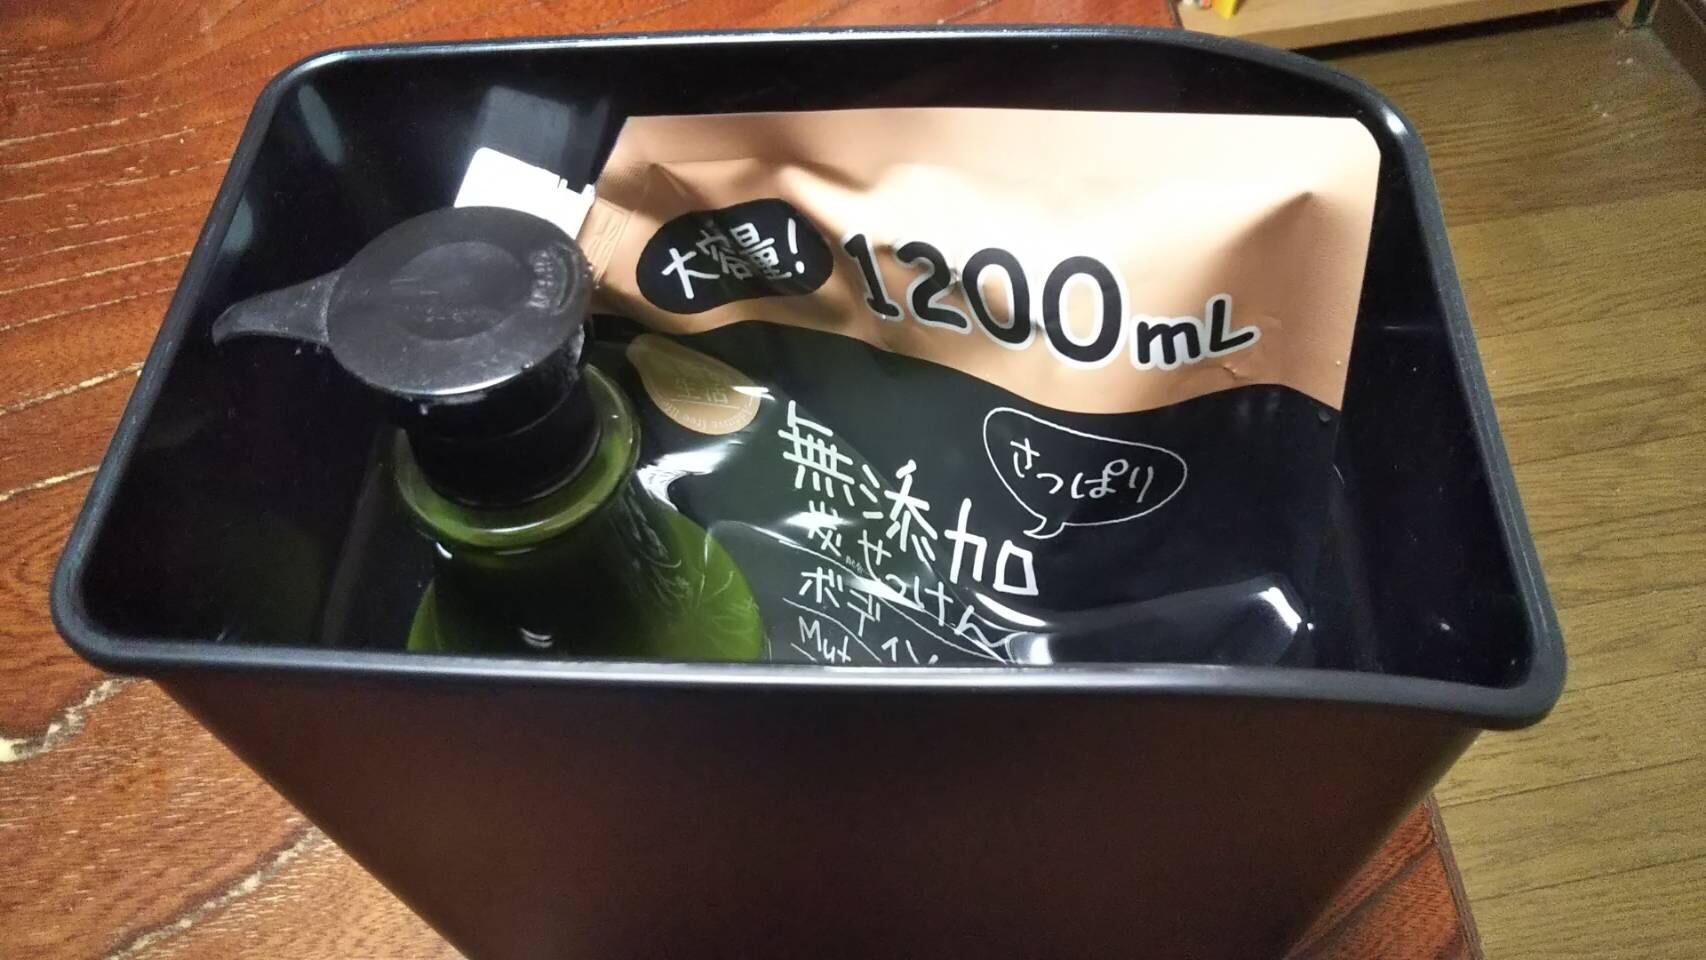 飲み物でもスキンケア商品でも食べ物でも、一度プロトン水につけて還元する習慣が身についてるそうです。